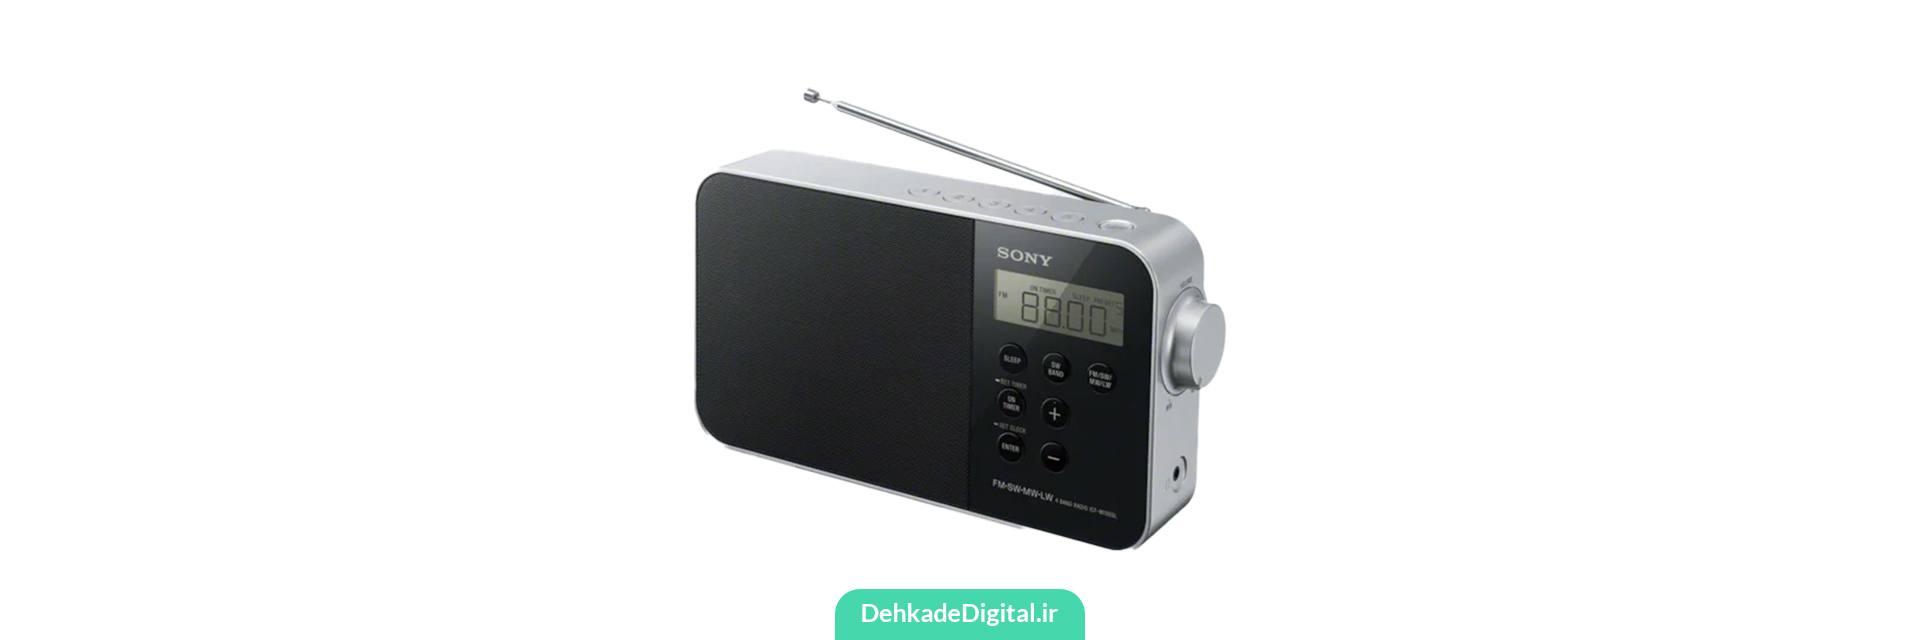 رادیو سونی ICF-M780SL